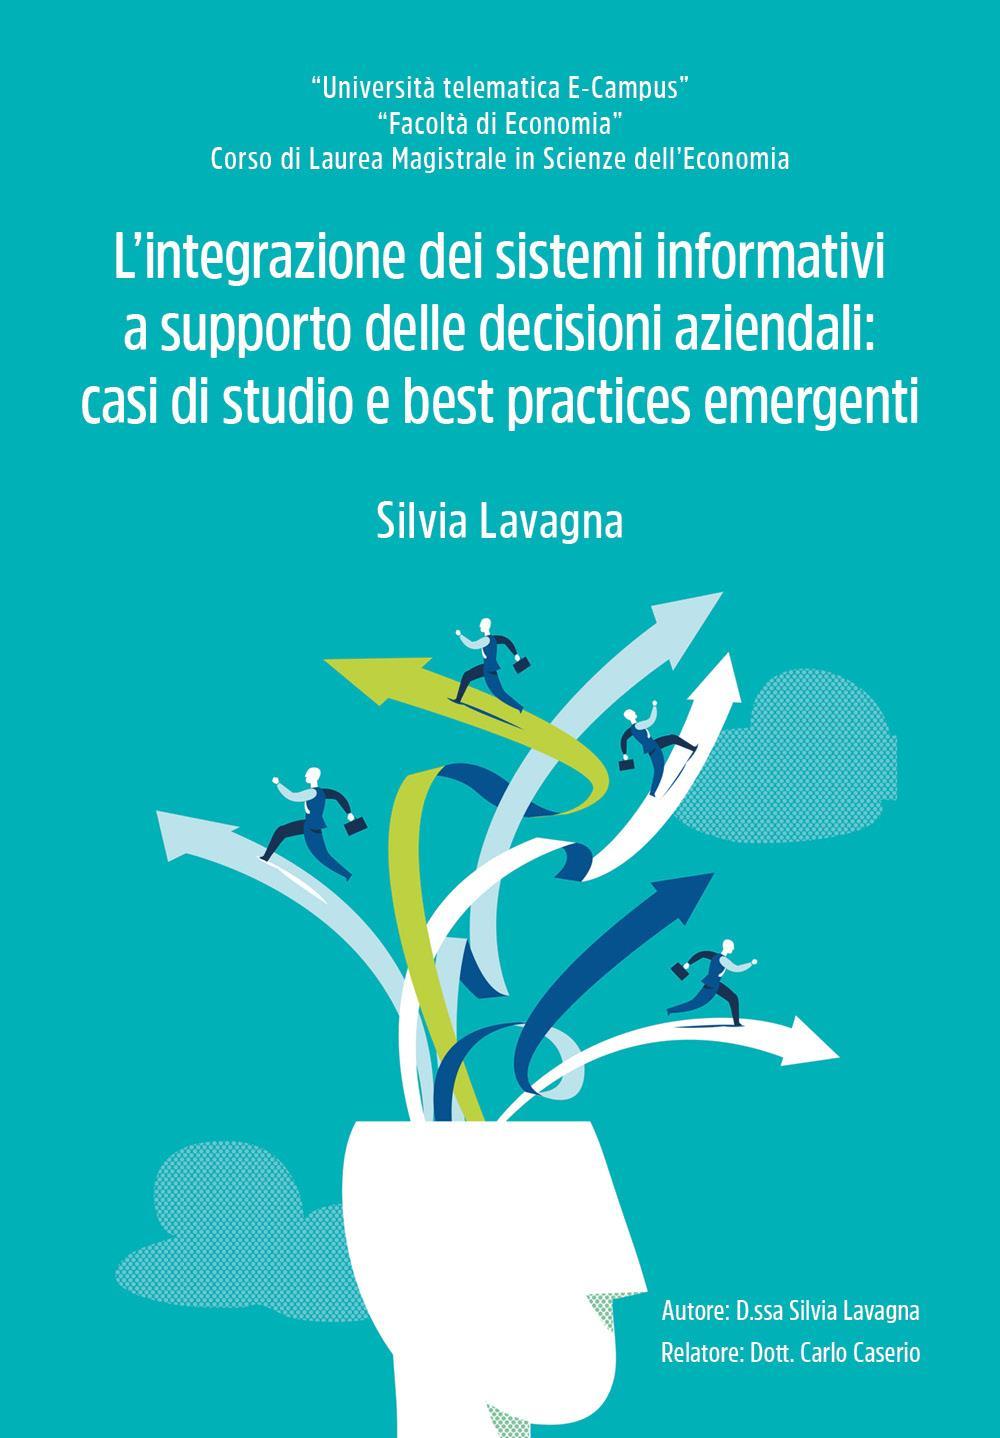 L'integrazione dei sistemi informativi a supporto delle decisioni aziendali